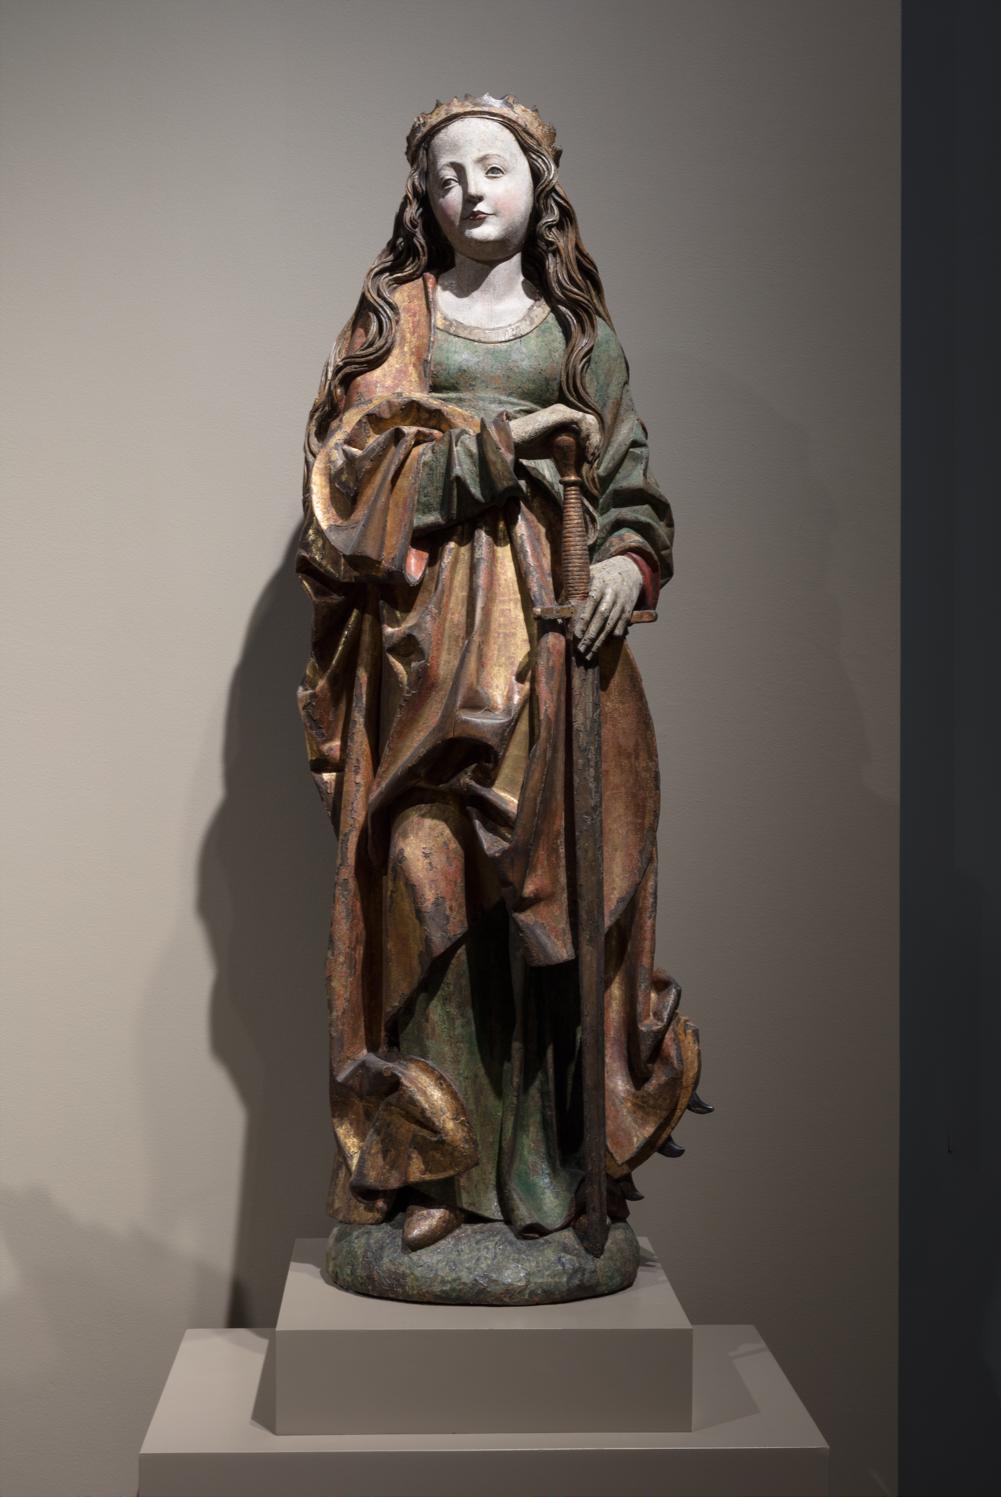 St Catherine 3000k no vibrancy